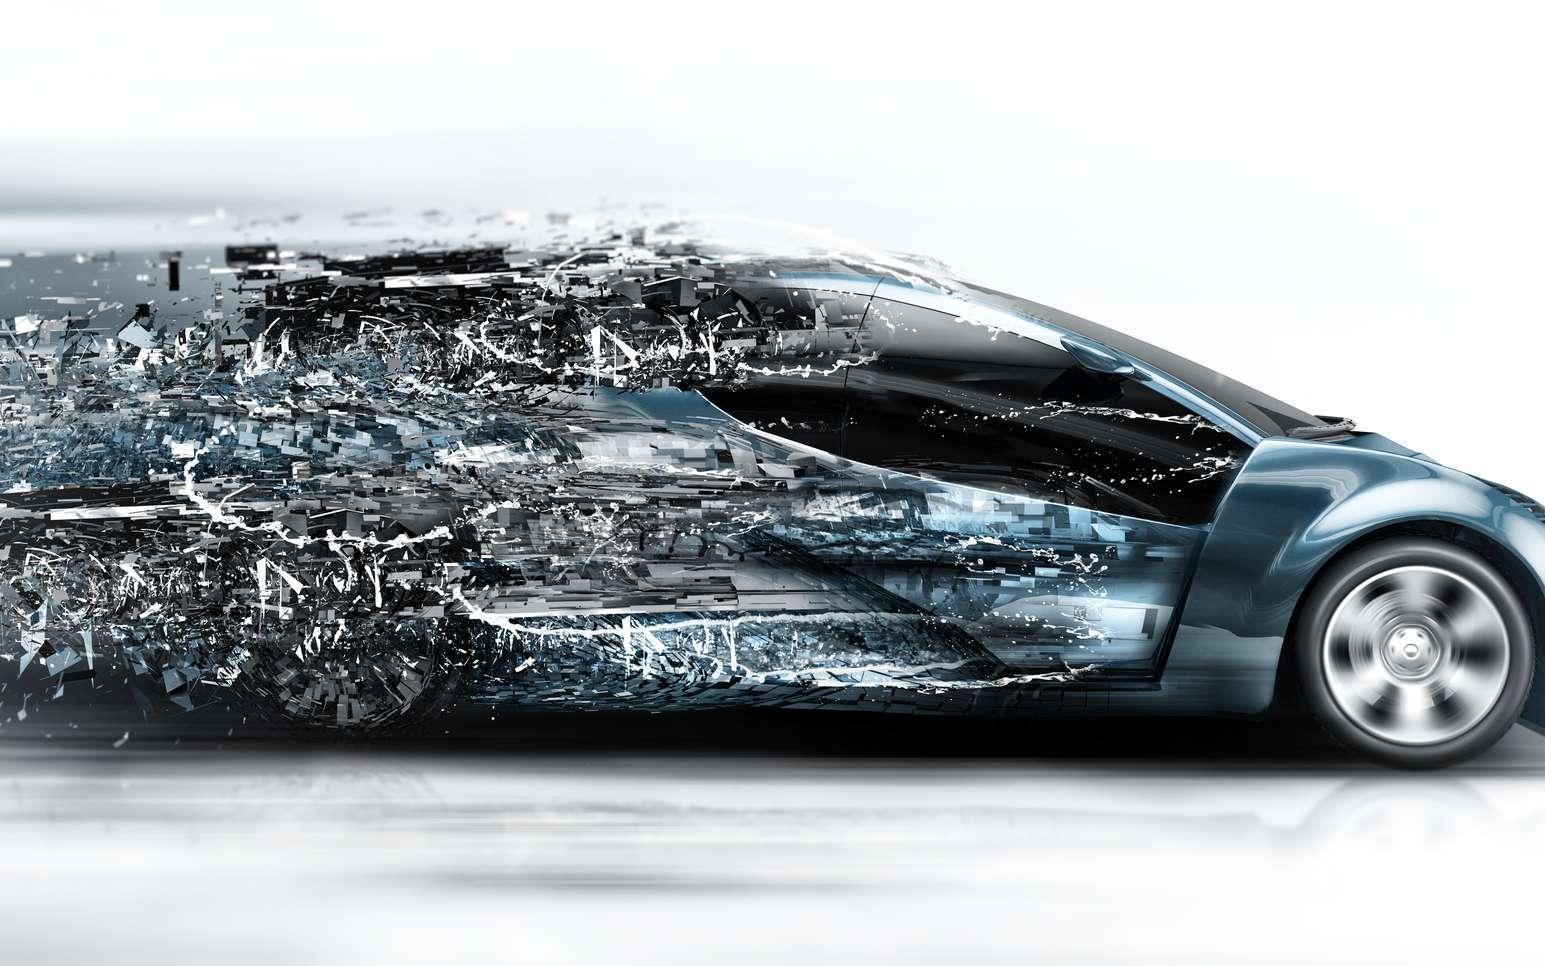 Porsche ne serait pas le premier constructeur automobile à s'intéresser au concept de drone taxi. © Adimas, Fotolia